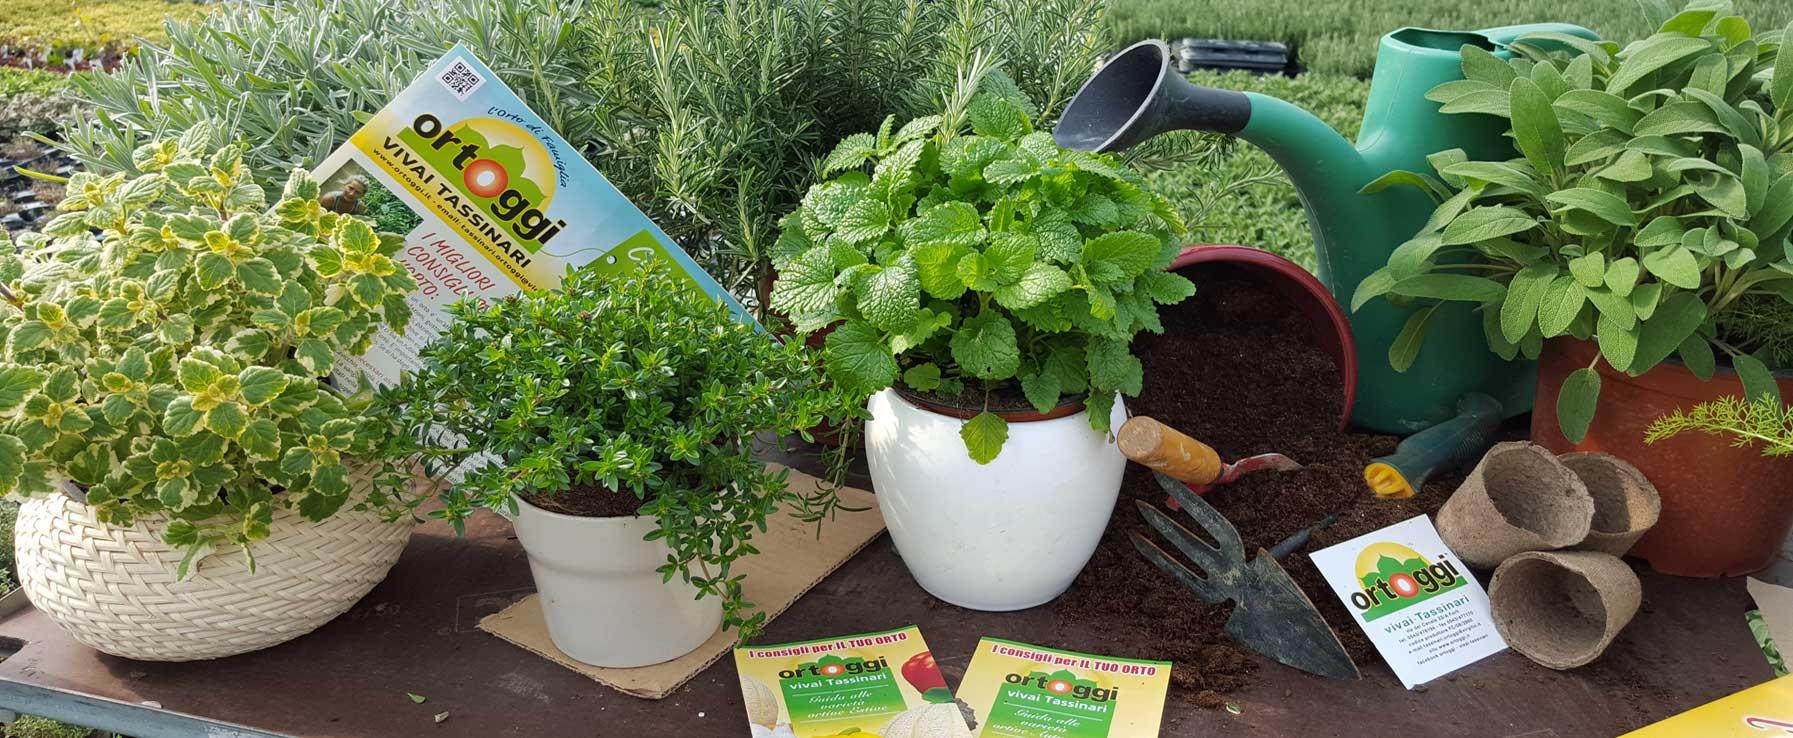 Ortoggi vivaio a forl con piante da orto e piantine da fiore for Vendita piante orto